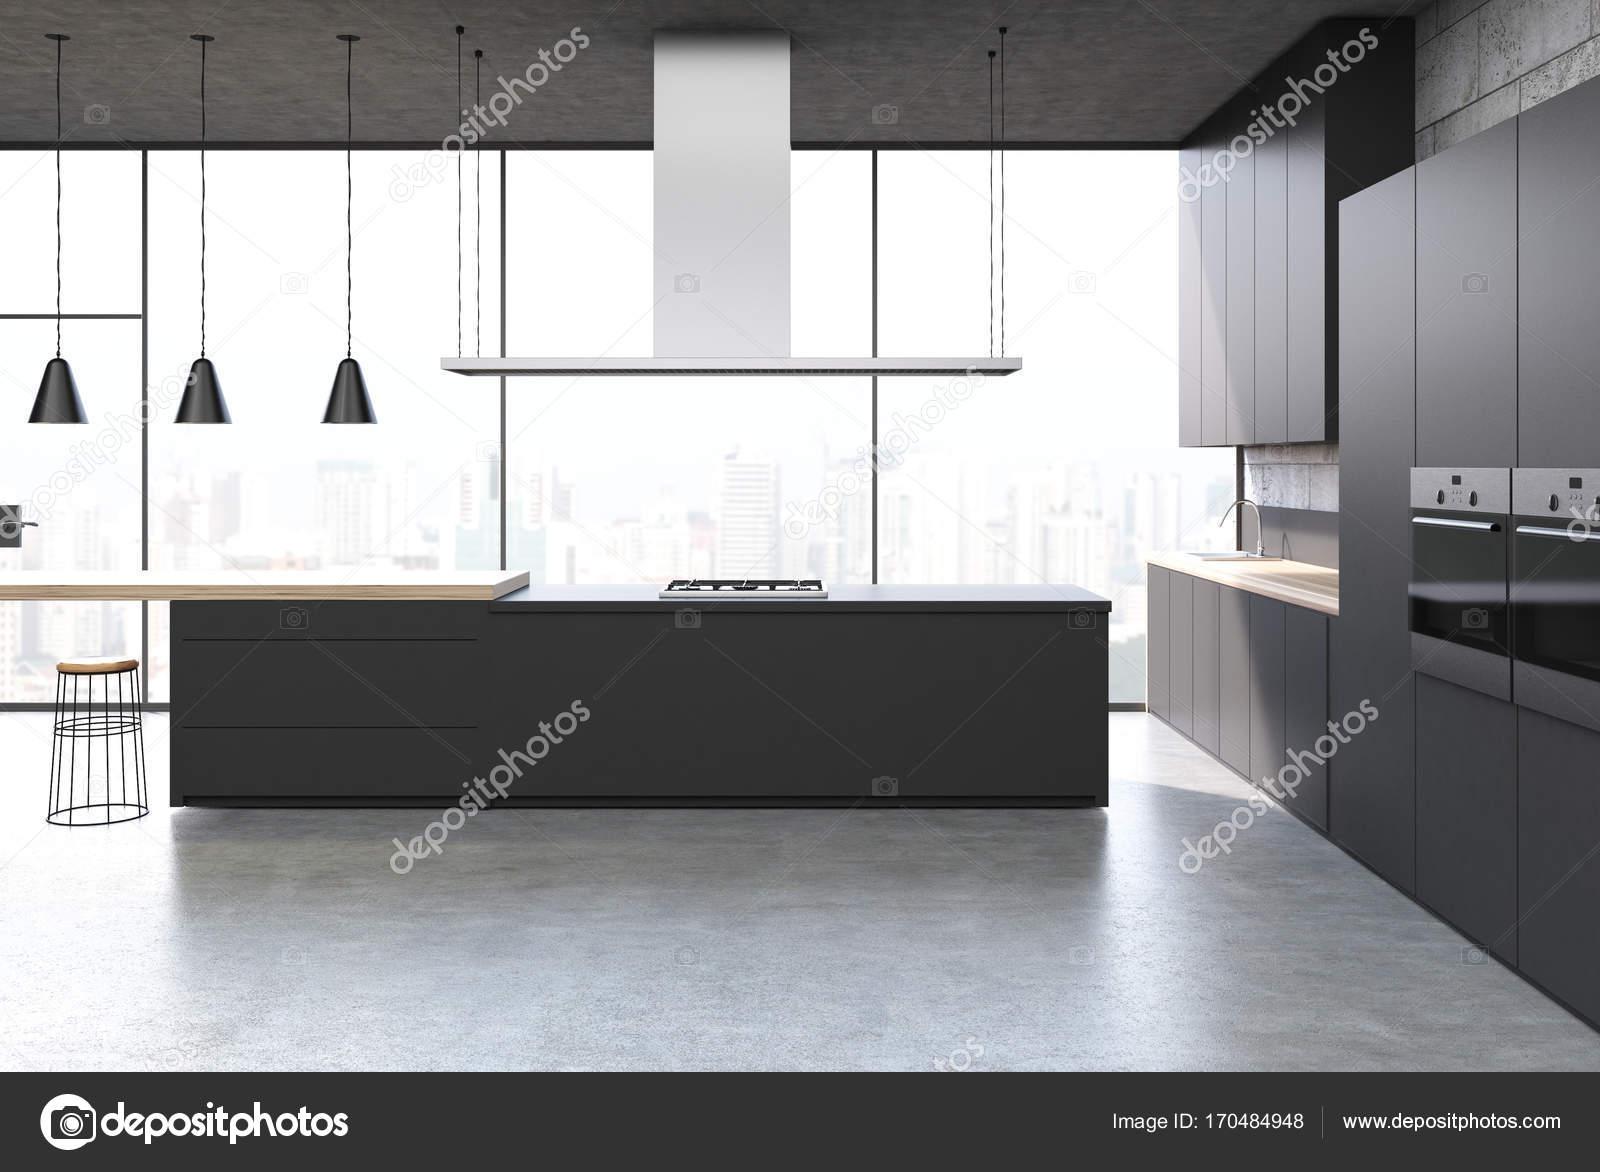 Schwarze Küche Interieur, bar stand — Stockfoto © denisismagilov ...